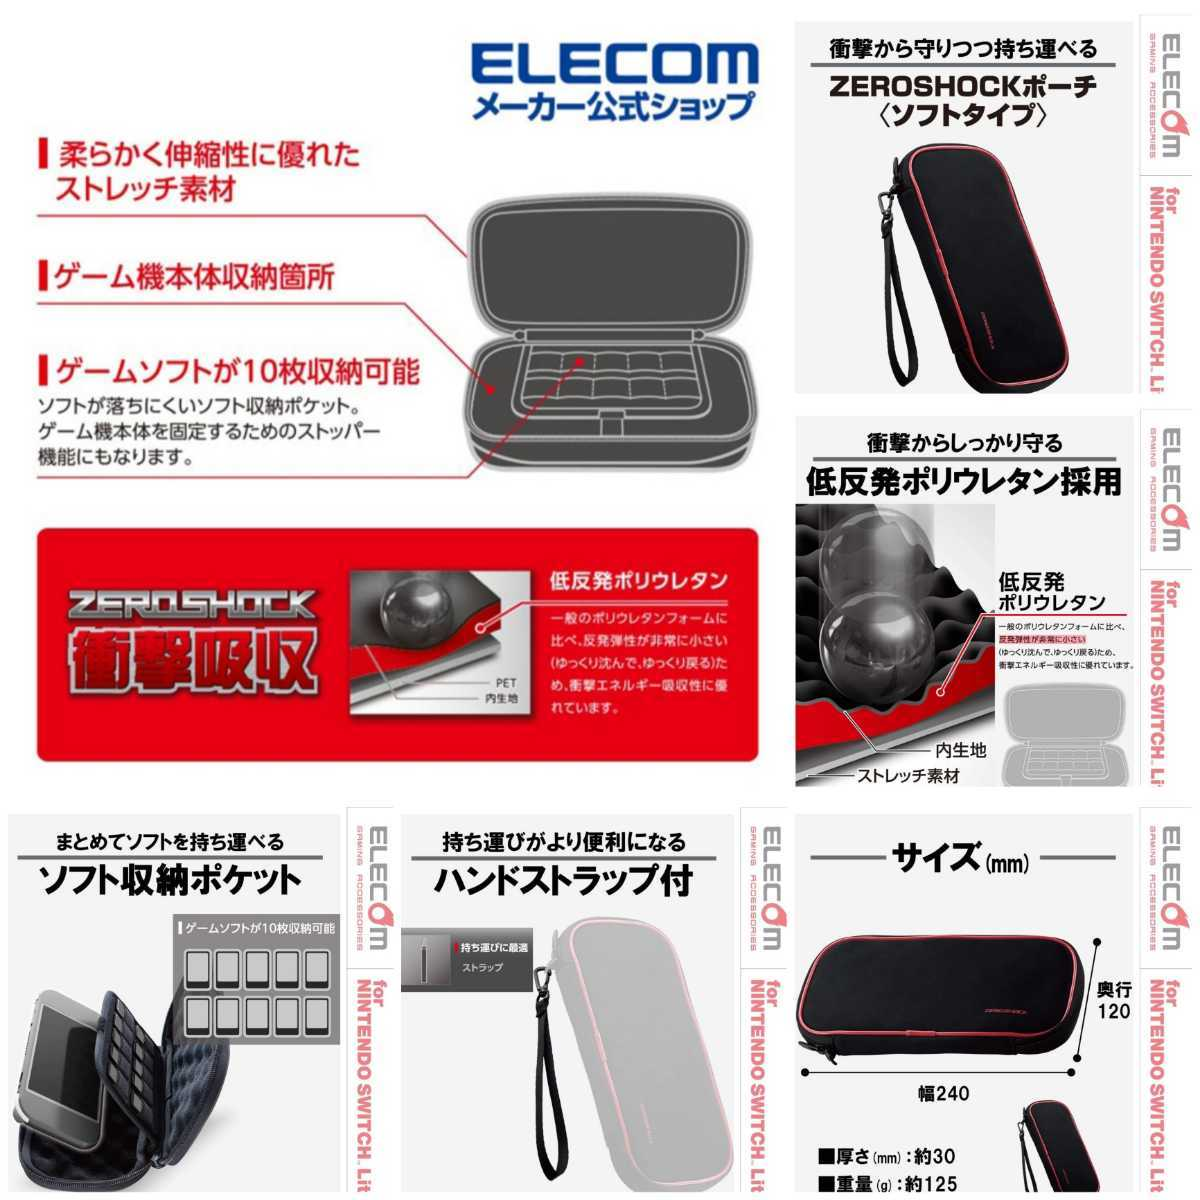 任天堂 ニンテンドー スイッチ ライト Nintendo Switch Lite ケース カバー ポーチ ストラップ 衝撃 吸収 保護 ガラス フィルム レッド 赤